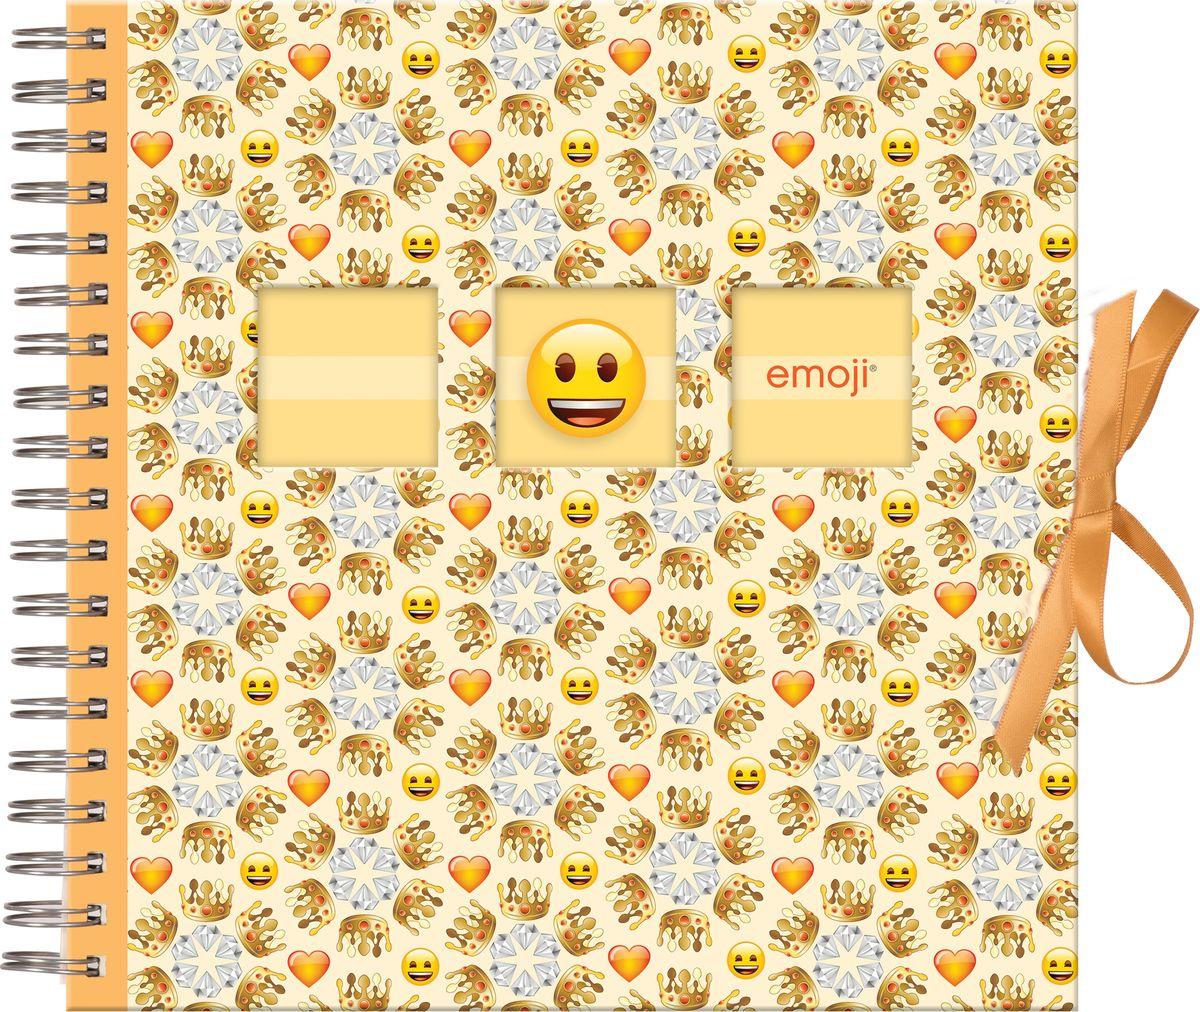 Фотоальбом Innova Emoji Spiral Bound Crowns, 25 х 25 см фотоальбом 6171